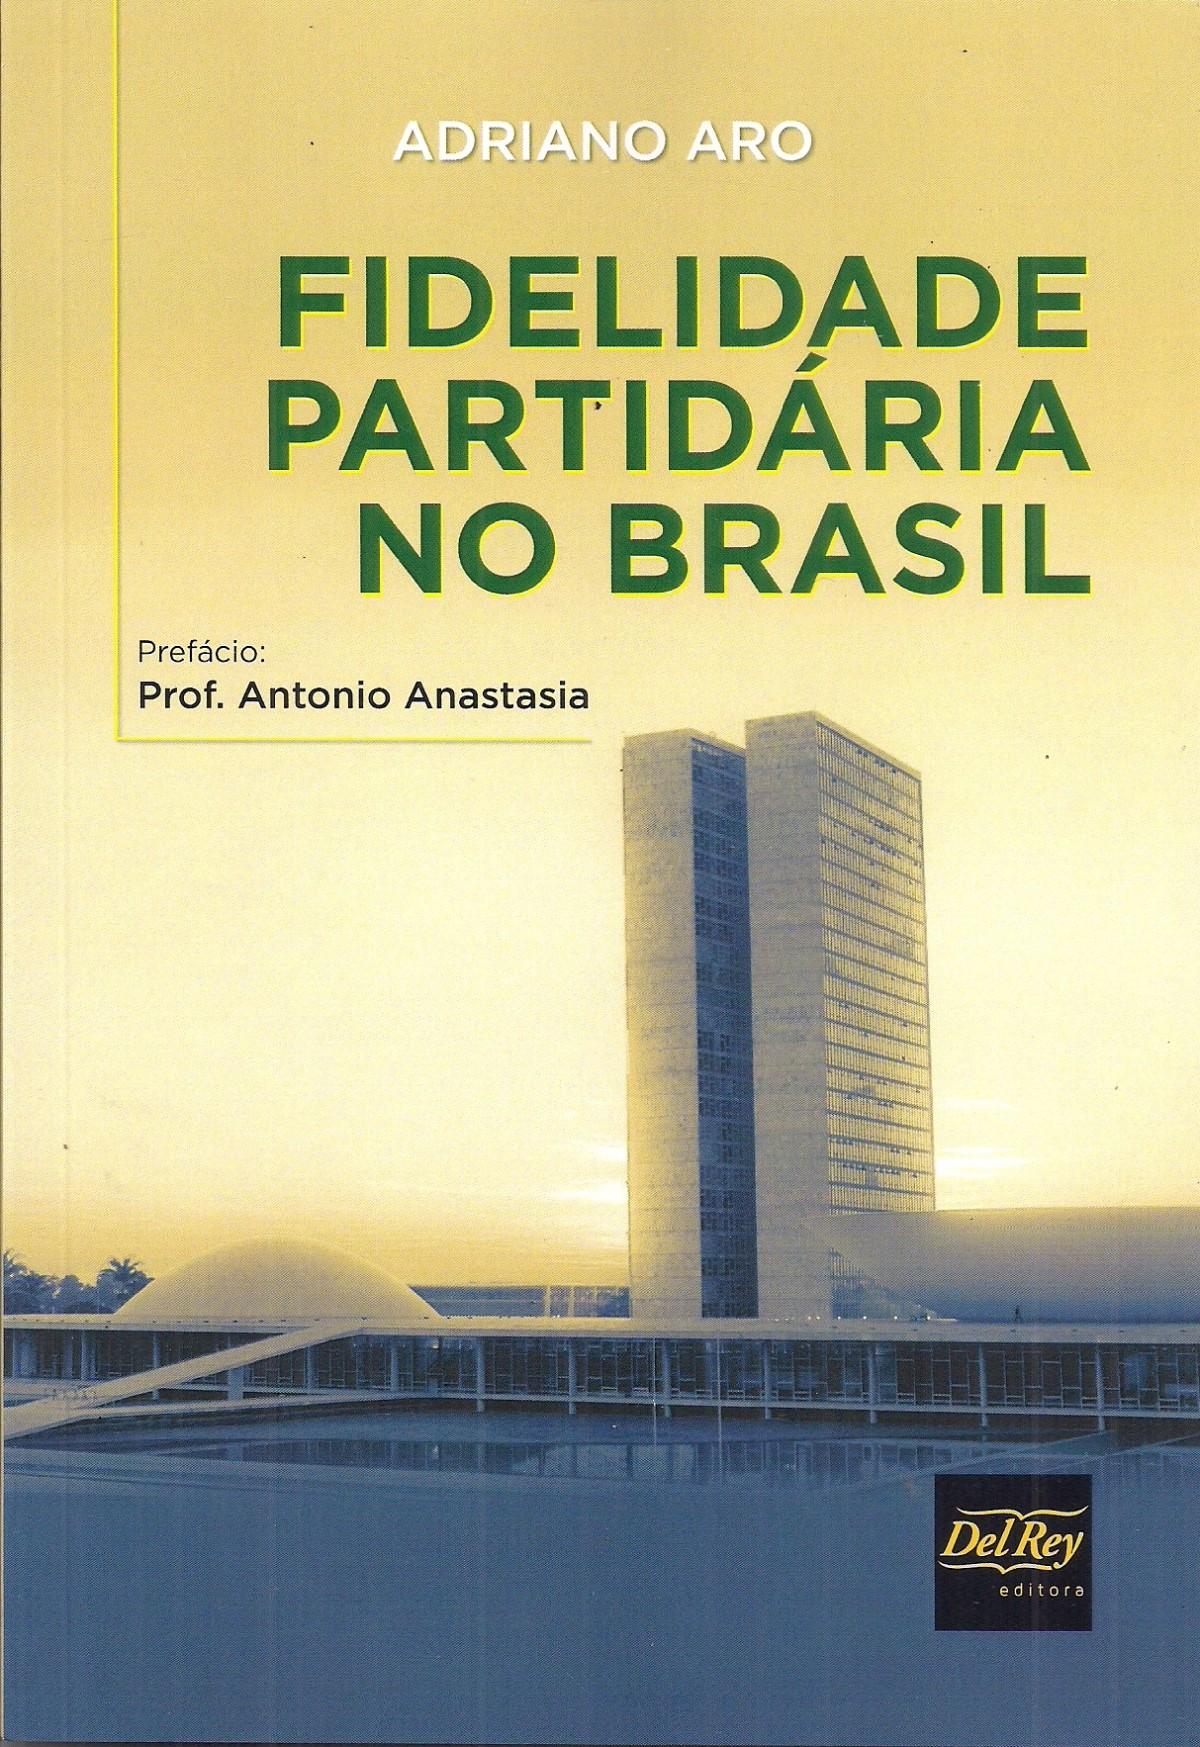 Foto 1 - Fidelidade Partidária no Brasil